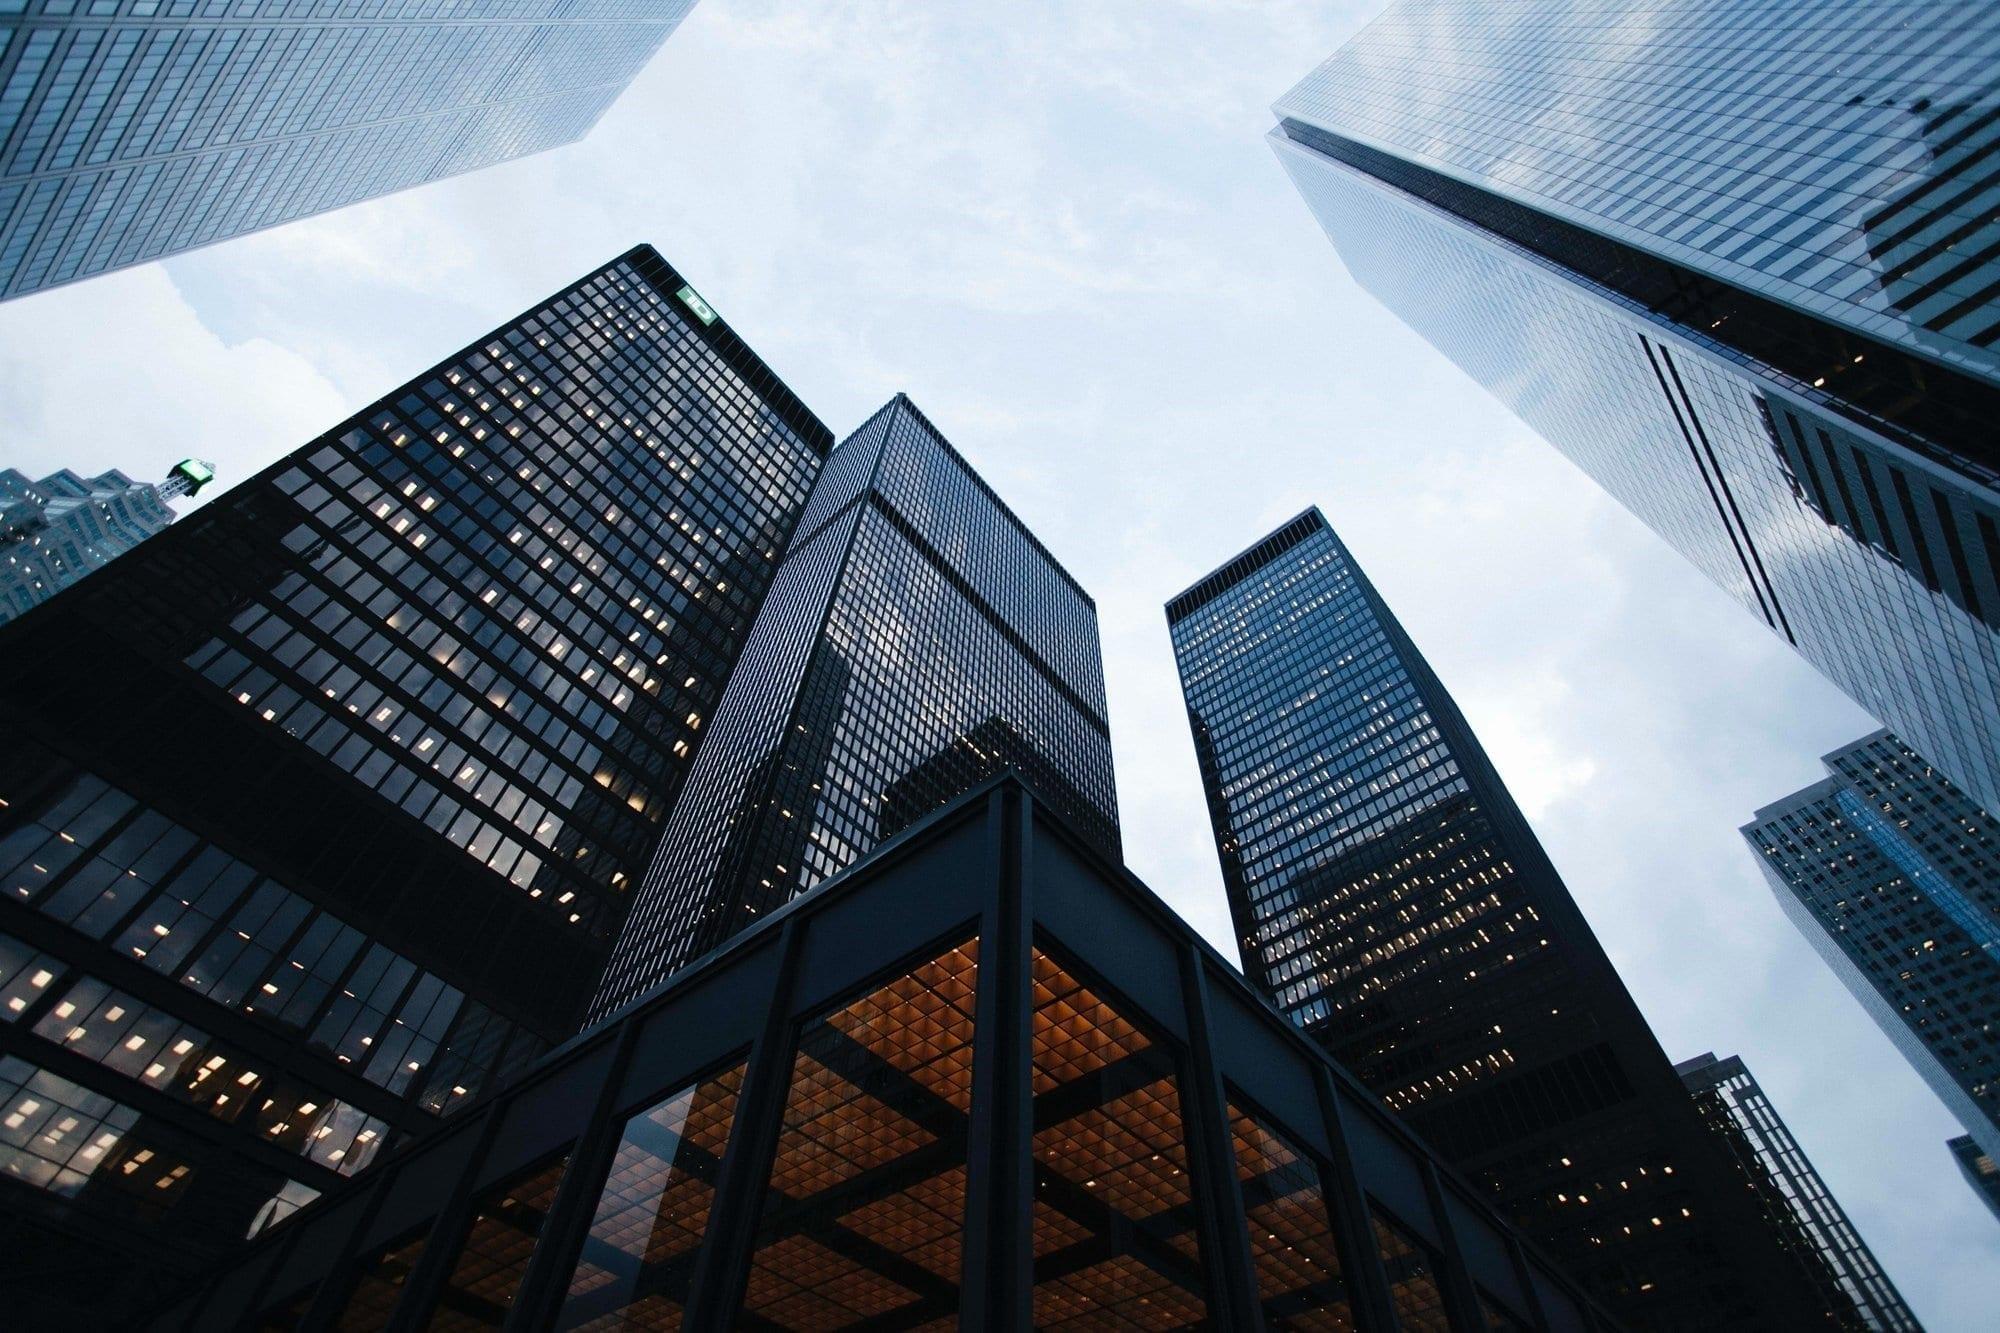 Le Marché Immobilier De Dubaï Pourra Tirer Profit Du Ralentissement Des Lancements De Projets